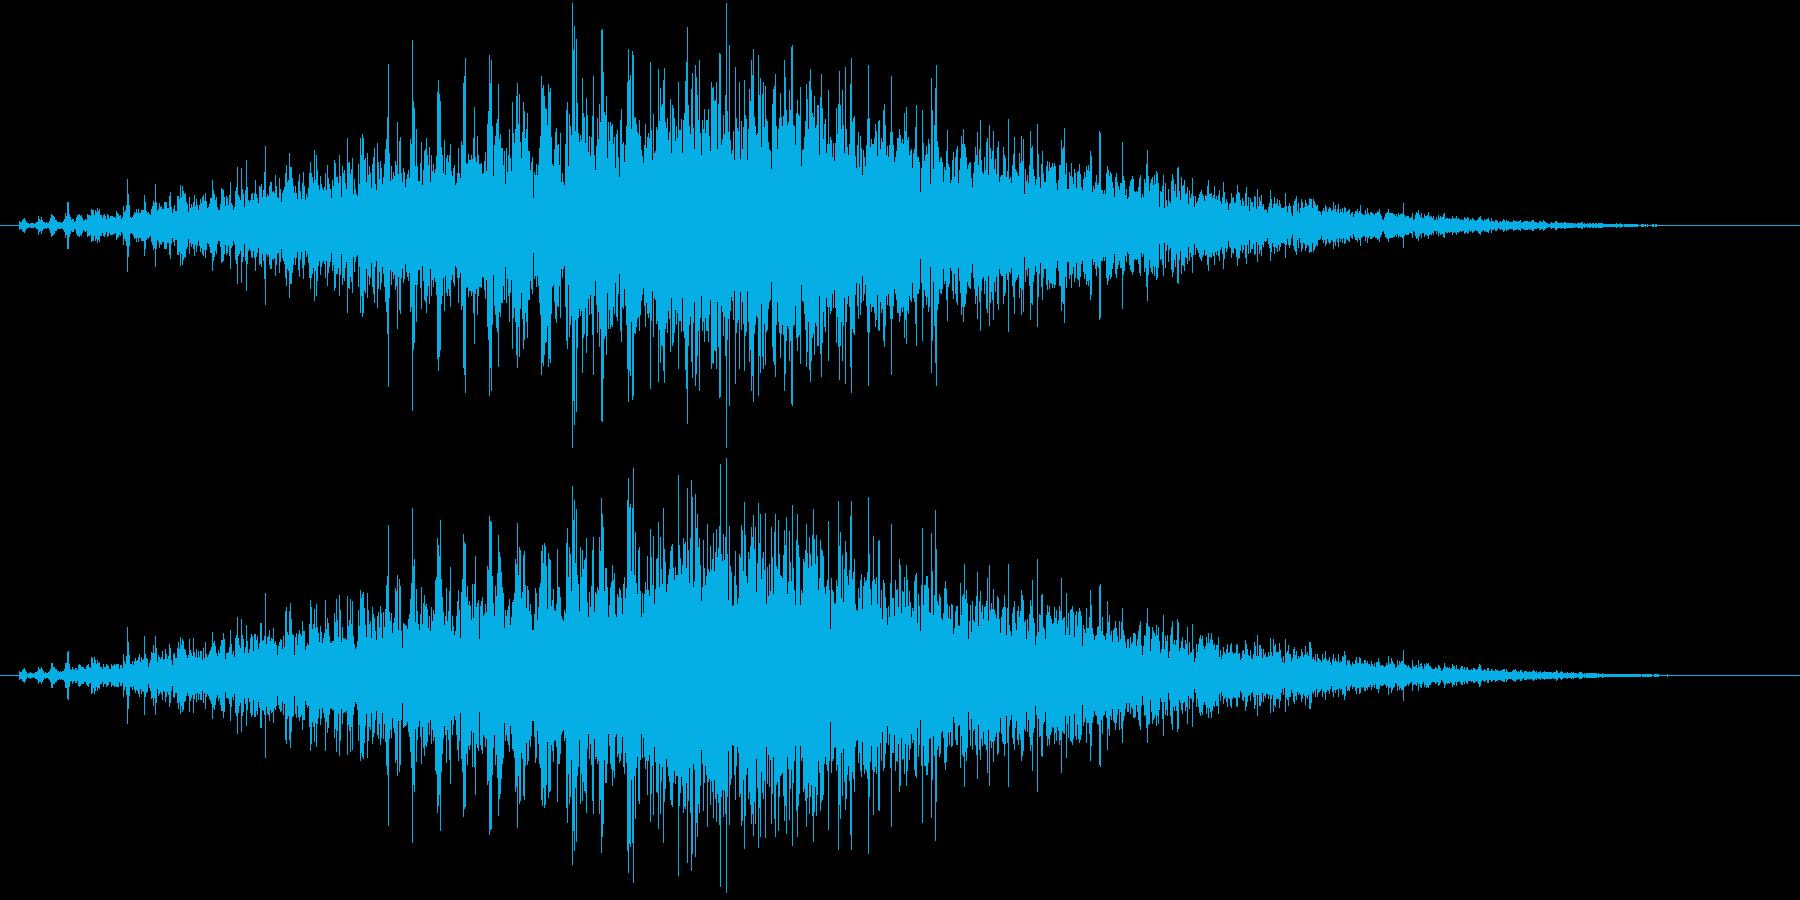 音侍SE「シュルシュル」石を擦った鈴の音の再生済みの波形